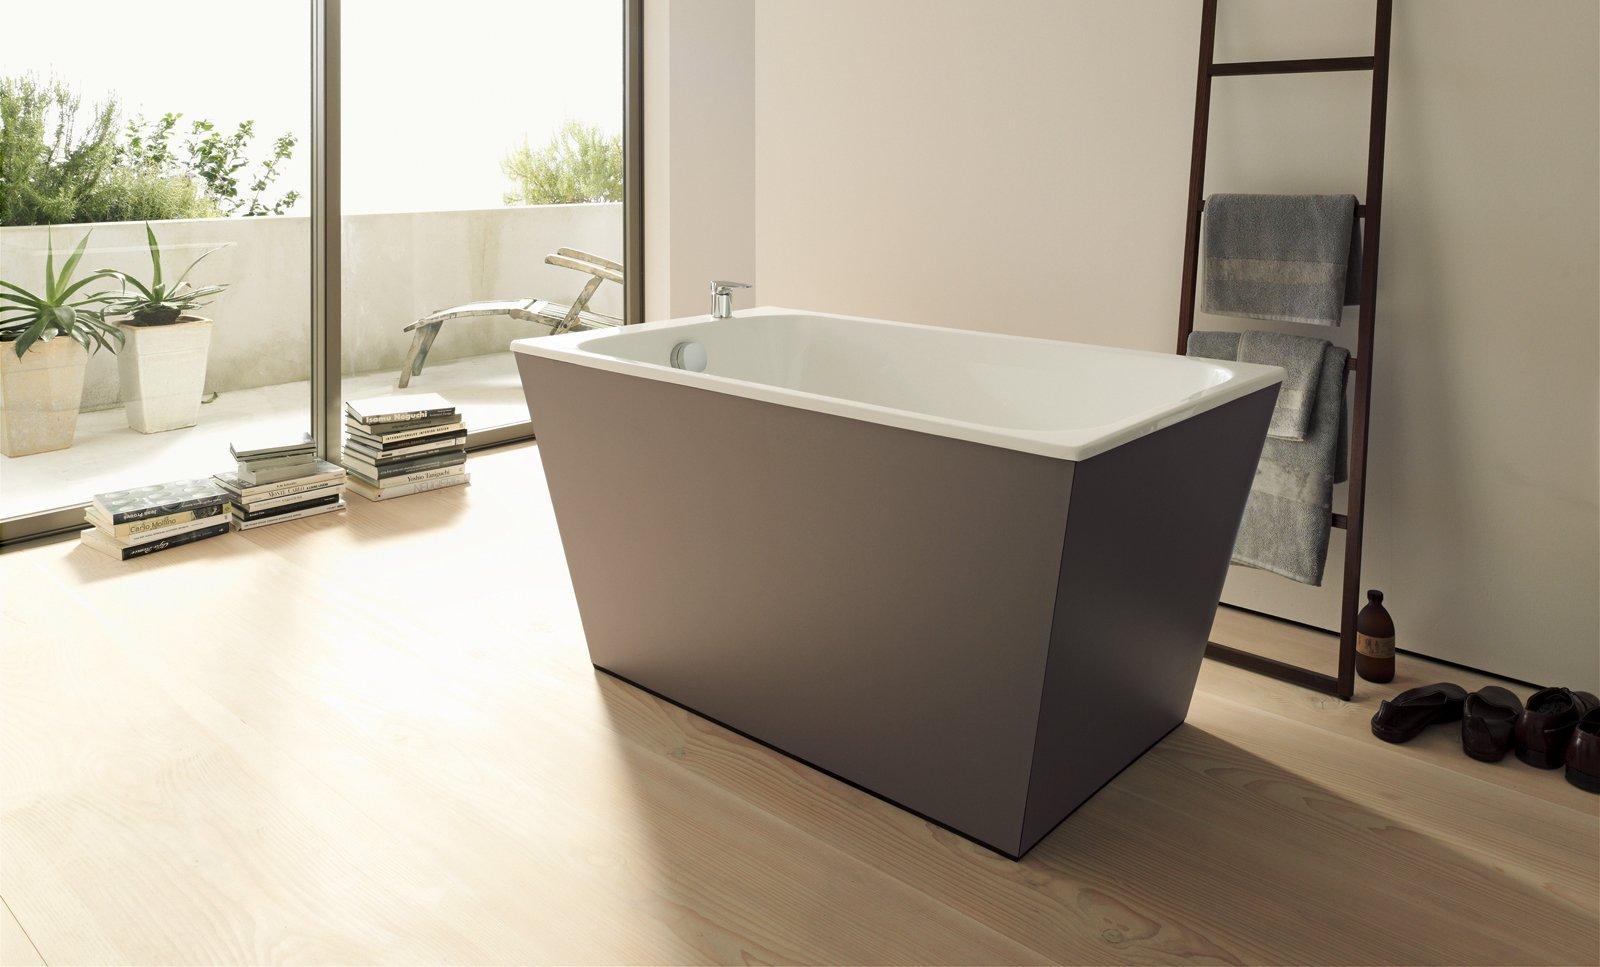 Vasche da bagno piccole cose di casa - Modelli di vasche da bagno ...